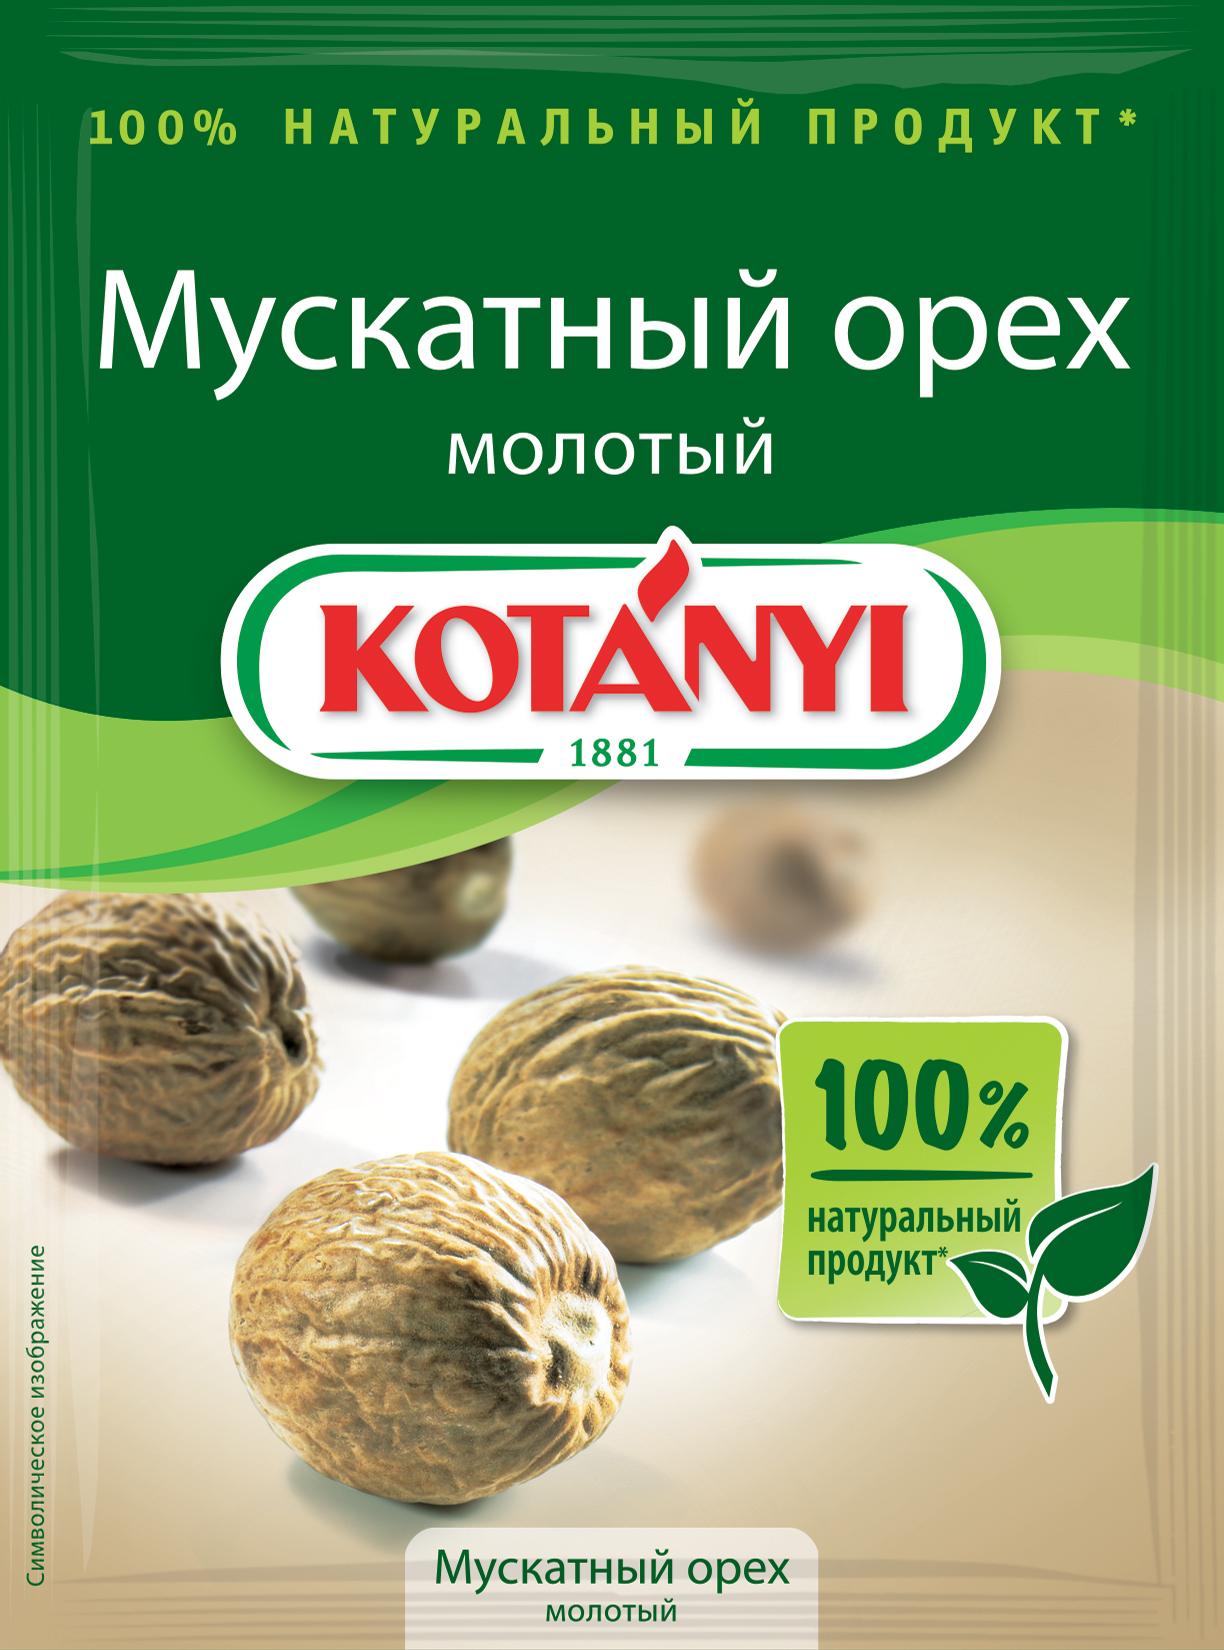 KOTANYI Орех мускатный молотый 18г пакет Kotanyi